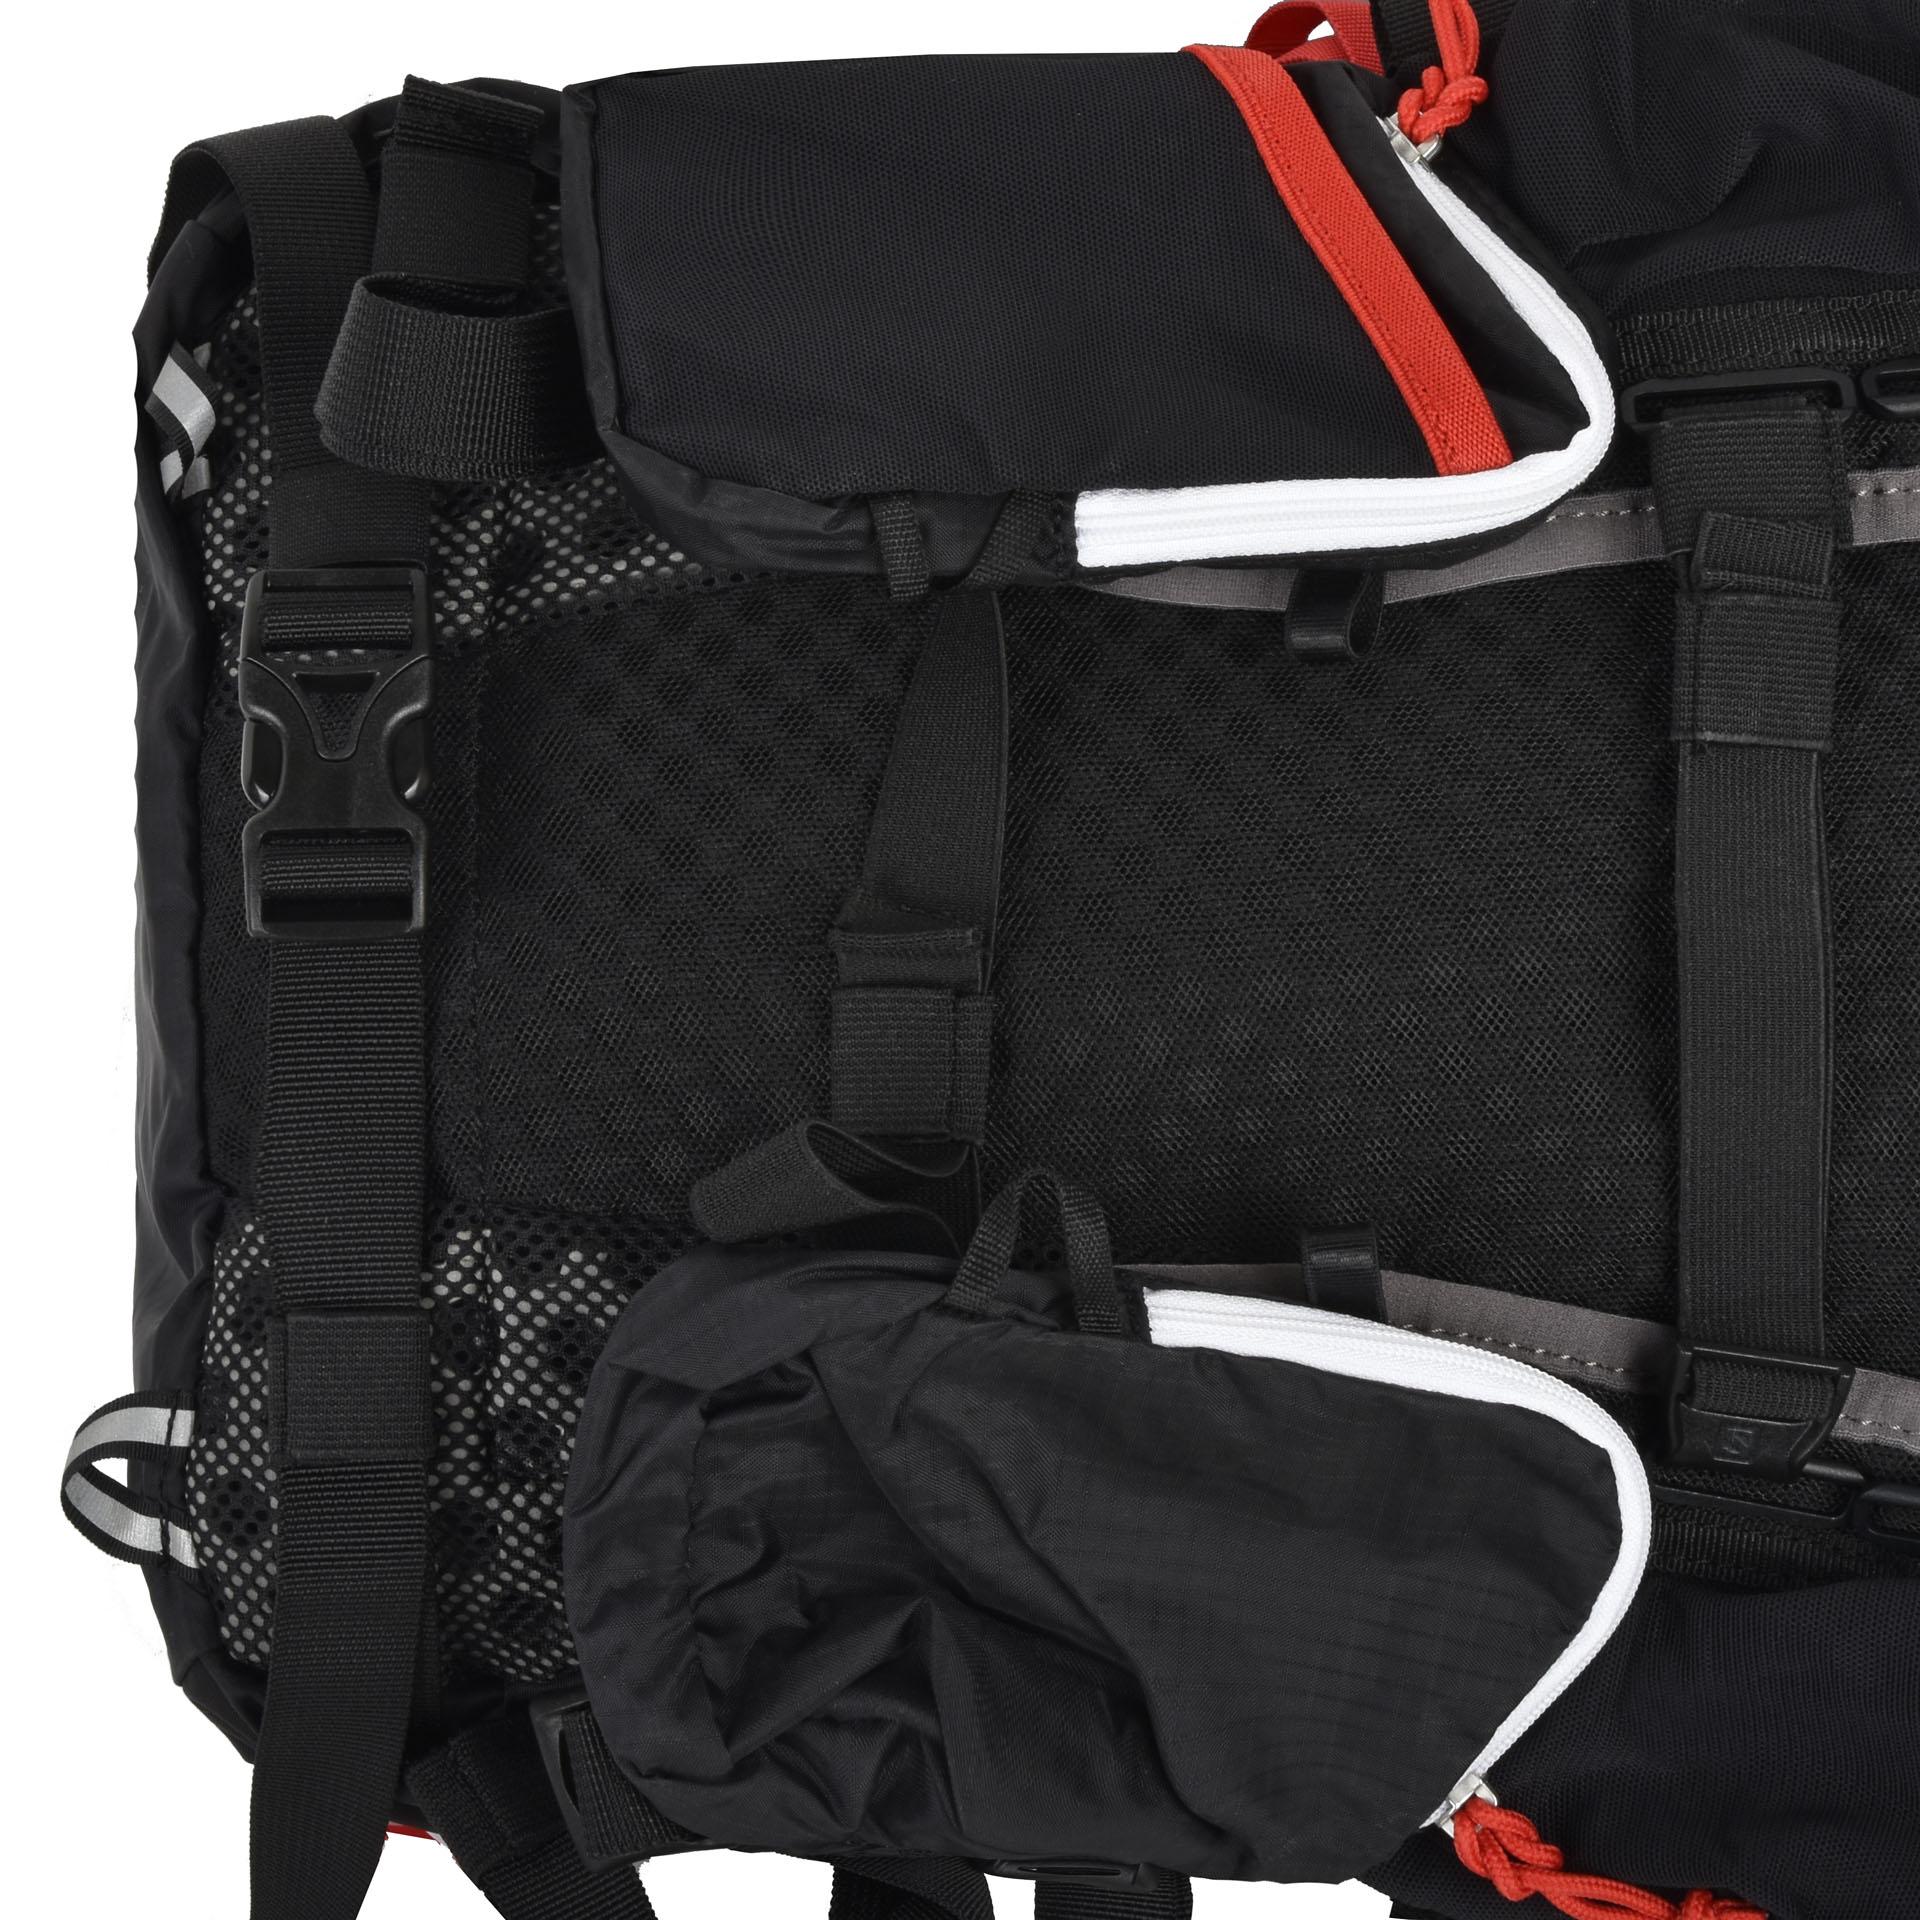 Salomon Peak 20 Black/ Bright red Batoh Salomon Peak 20 ponúka dostatok priestoru na ľahké vybavenie.  - hlavné vrecko na zips - bočné strečové vrecká - dve predné vrecká na zips - horné odopínateľné puzdro - priedušné polstrovanie - chrbtový systém 3D Air Mesh s odvetrávaním - pohodlné ramenné popruhy s vreckami na mobil a fľašu (0,5 l Salomon Soft flask) - hrudný popruh pre lepšiu stabilitu - vodeodolný materiál - vnútorné vrecko na zips - reflexné prvky - úchyty na trekové palice - vrecko na hydrovak (1,5 l)